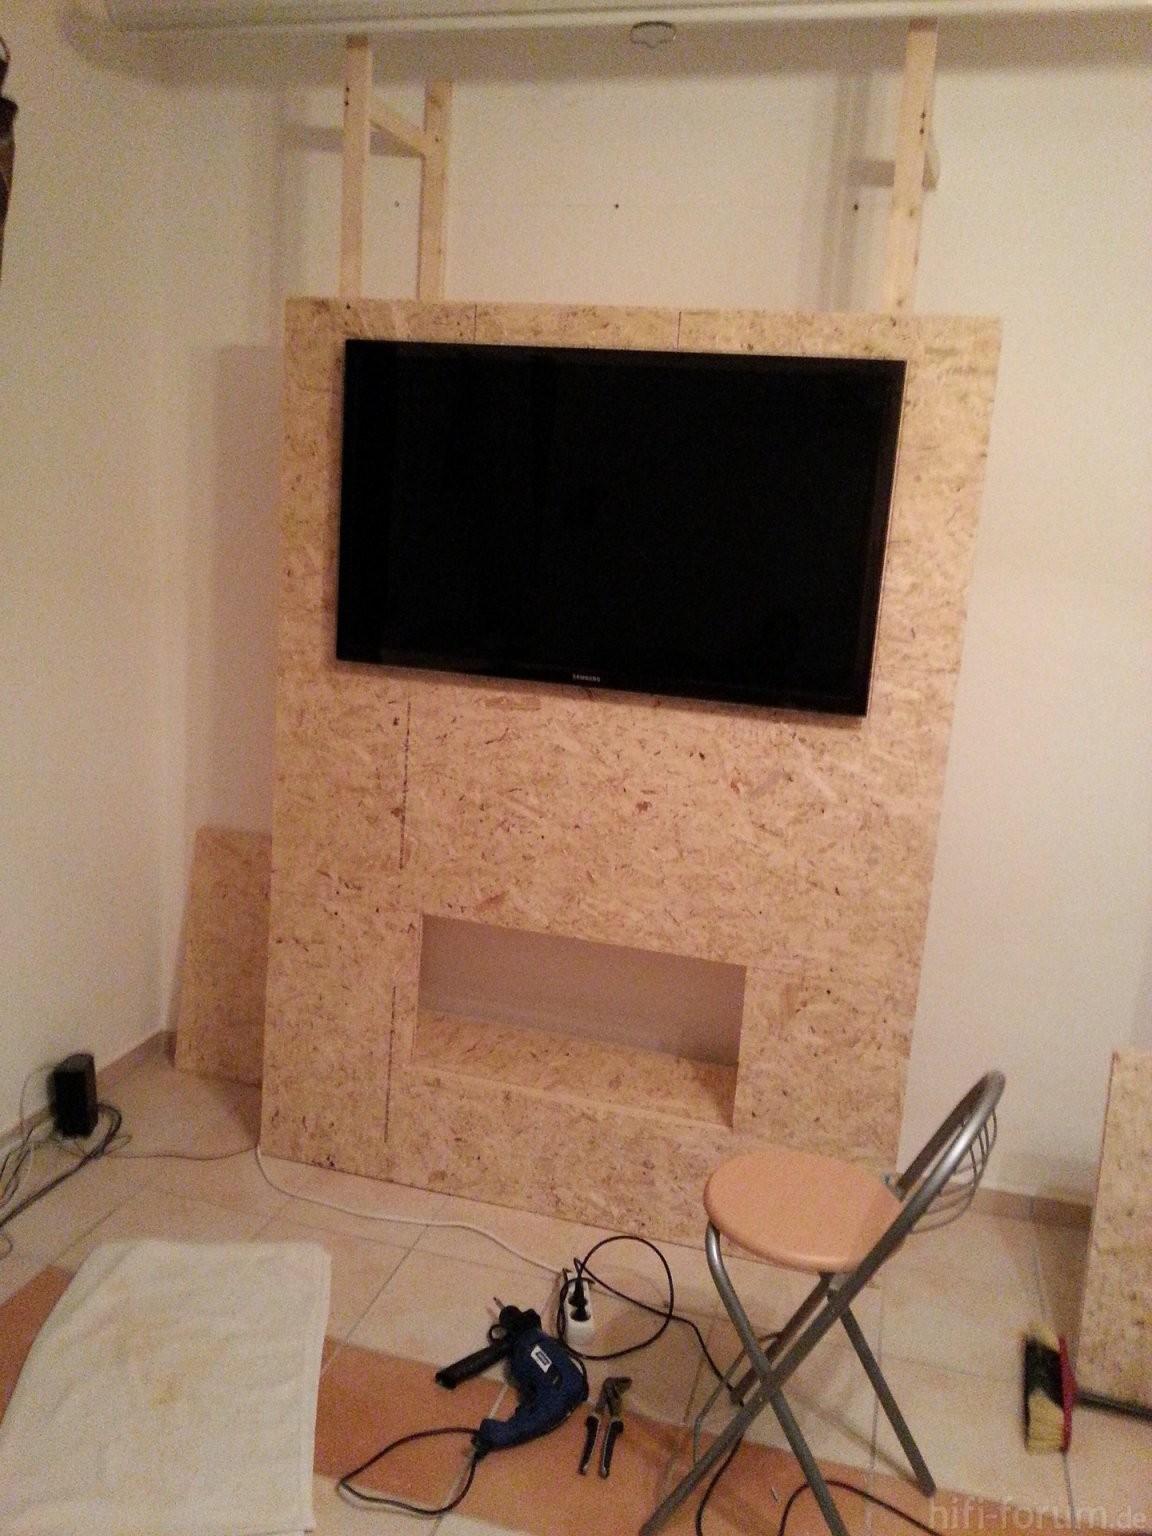 Tv Wand Selber Bauen Racks Gehäuse  Hififorum von Fernseher Wand Selber Bauen Photo